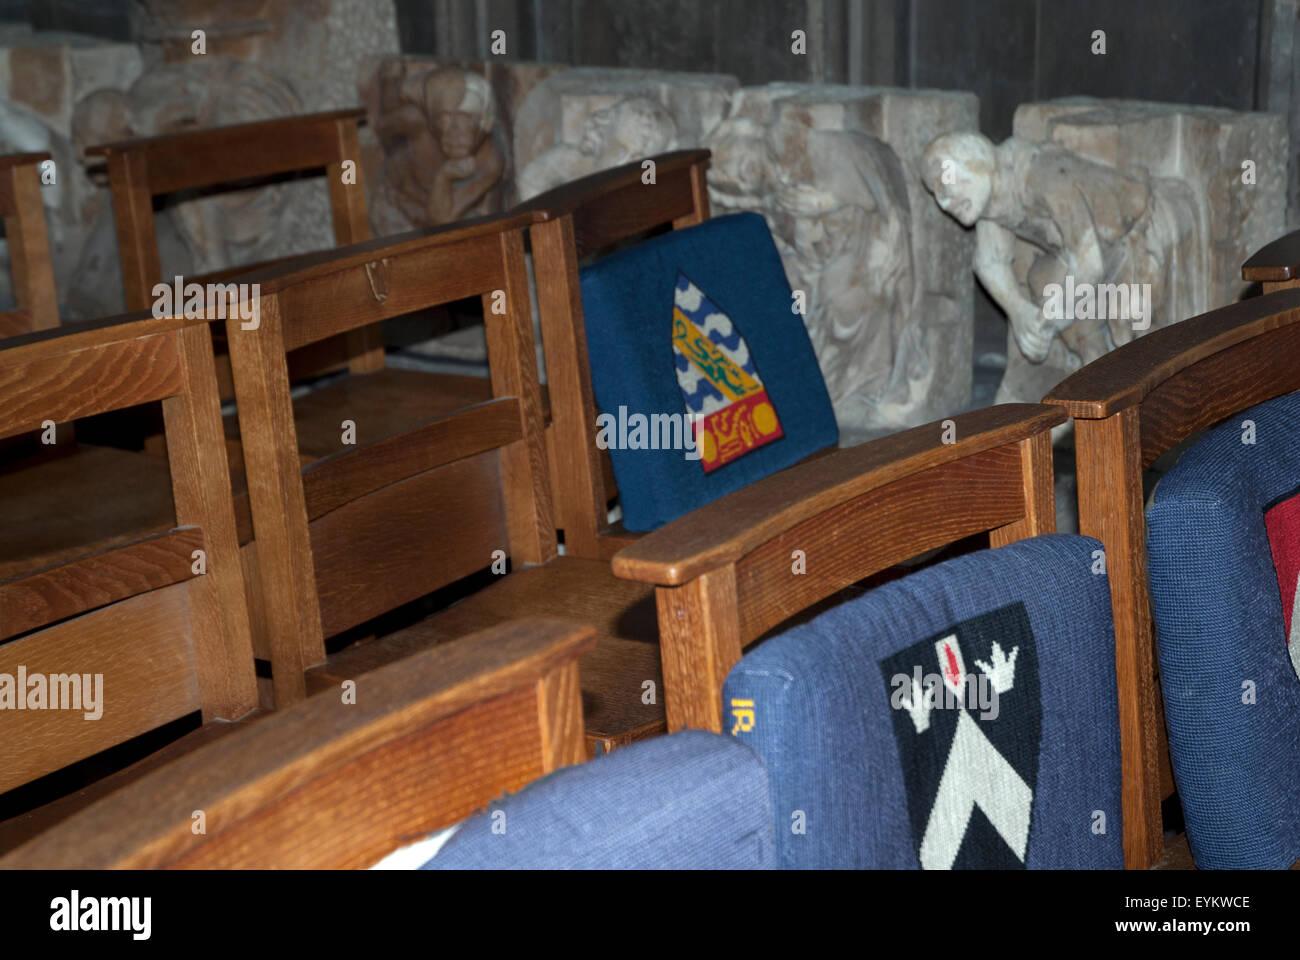 Ausgezeichnet Holz Küchenstühle Ebay Uk Fotos - Ideen Für Die Küche ...